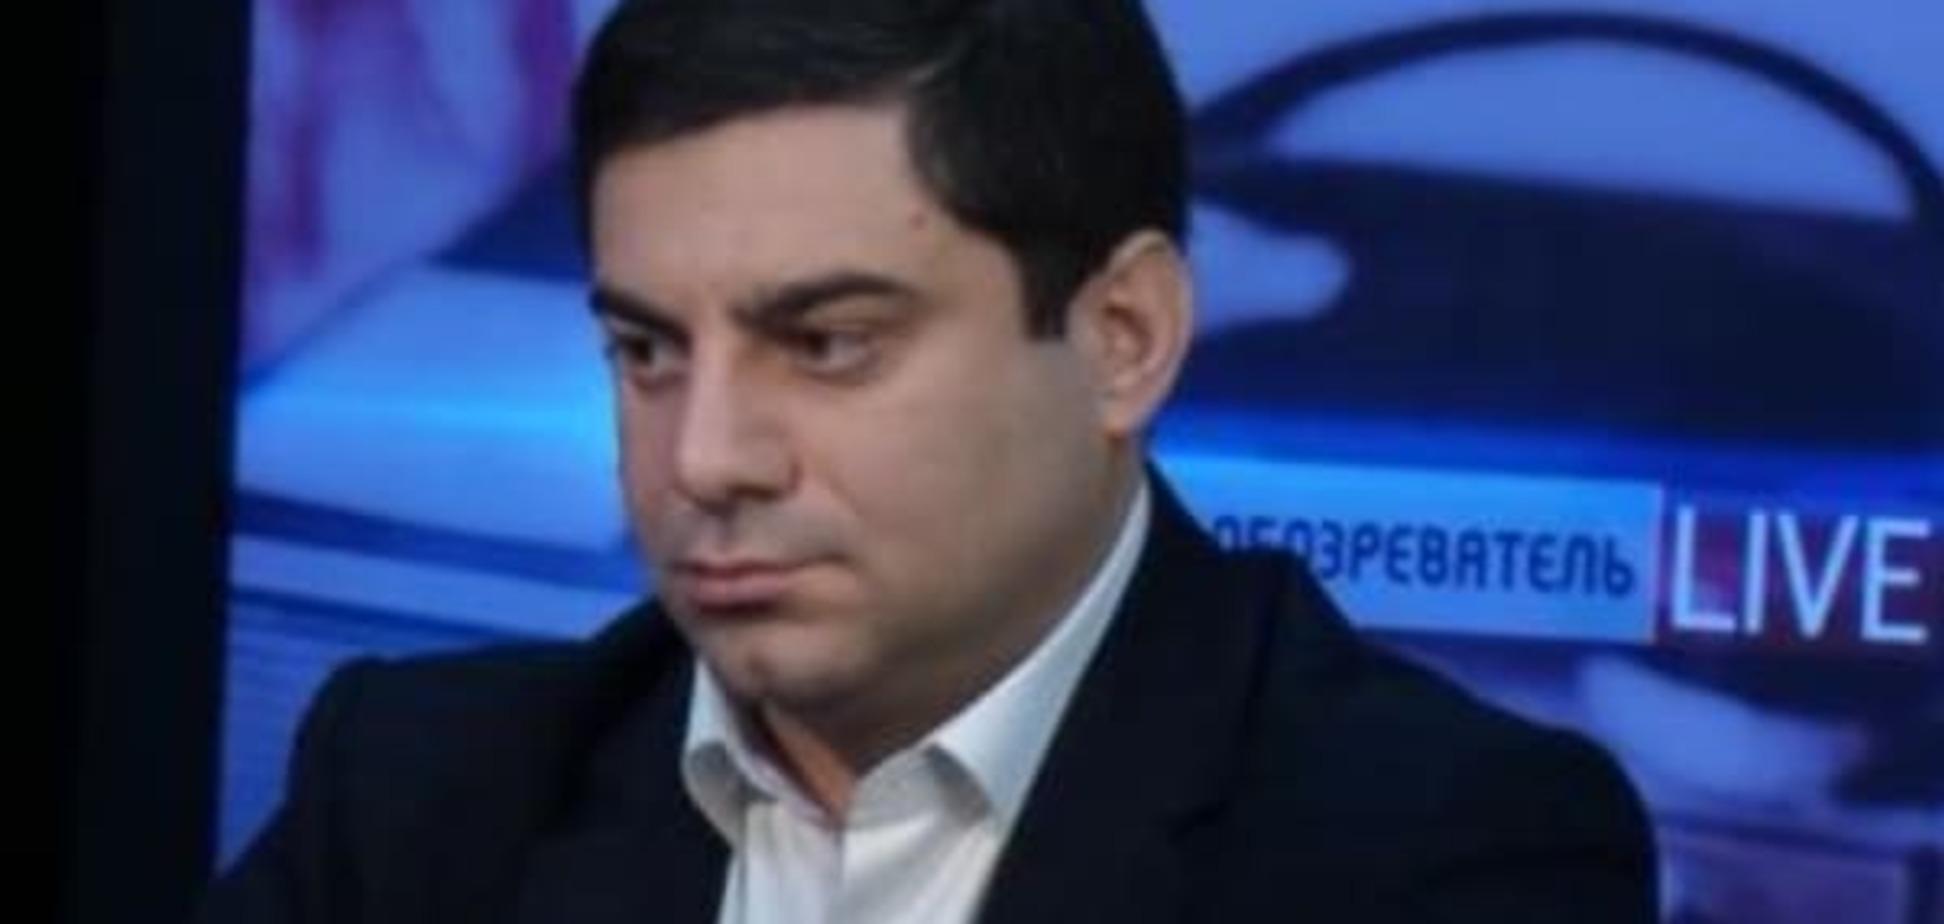 Дмитро Лубинець: депутати-забіяки ганьблять Раду і державу Україна